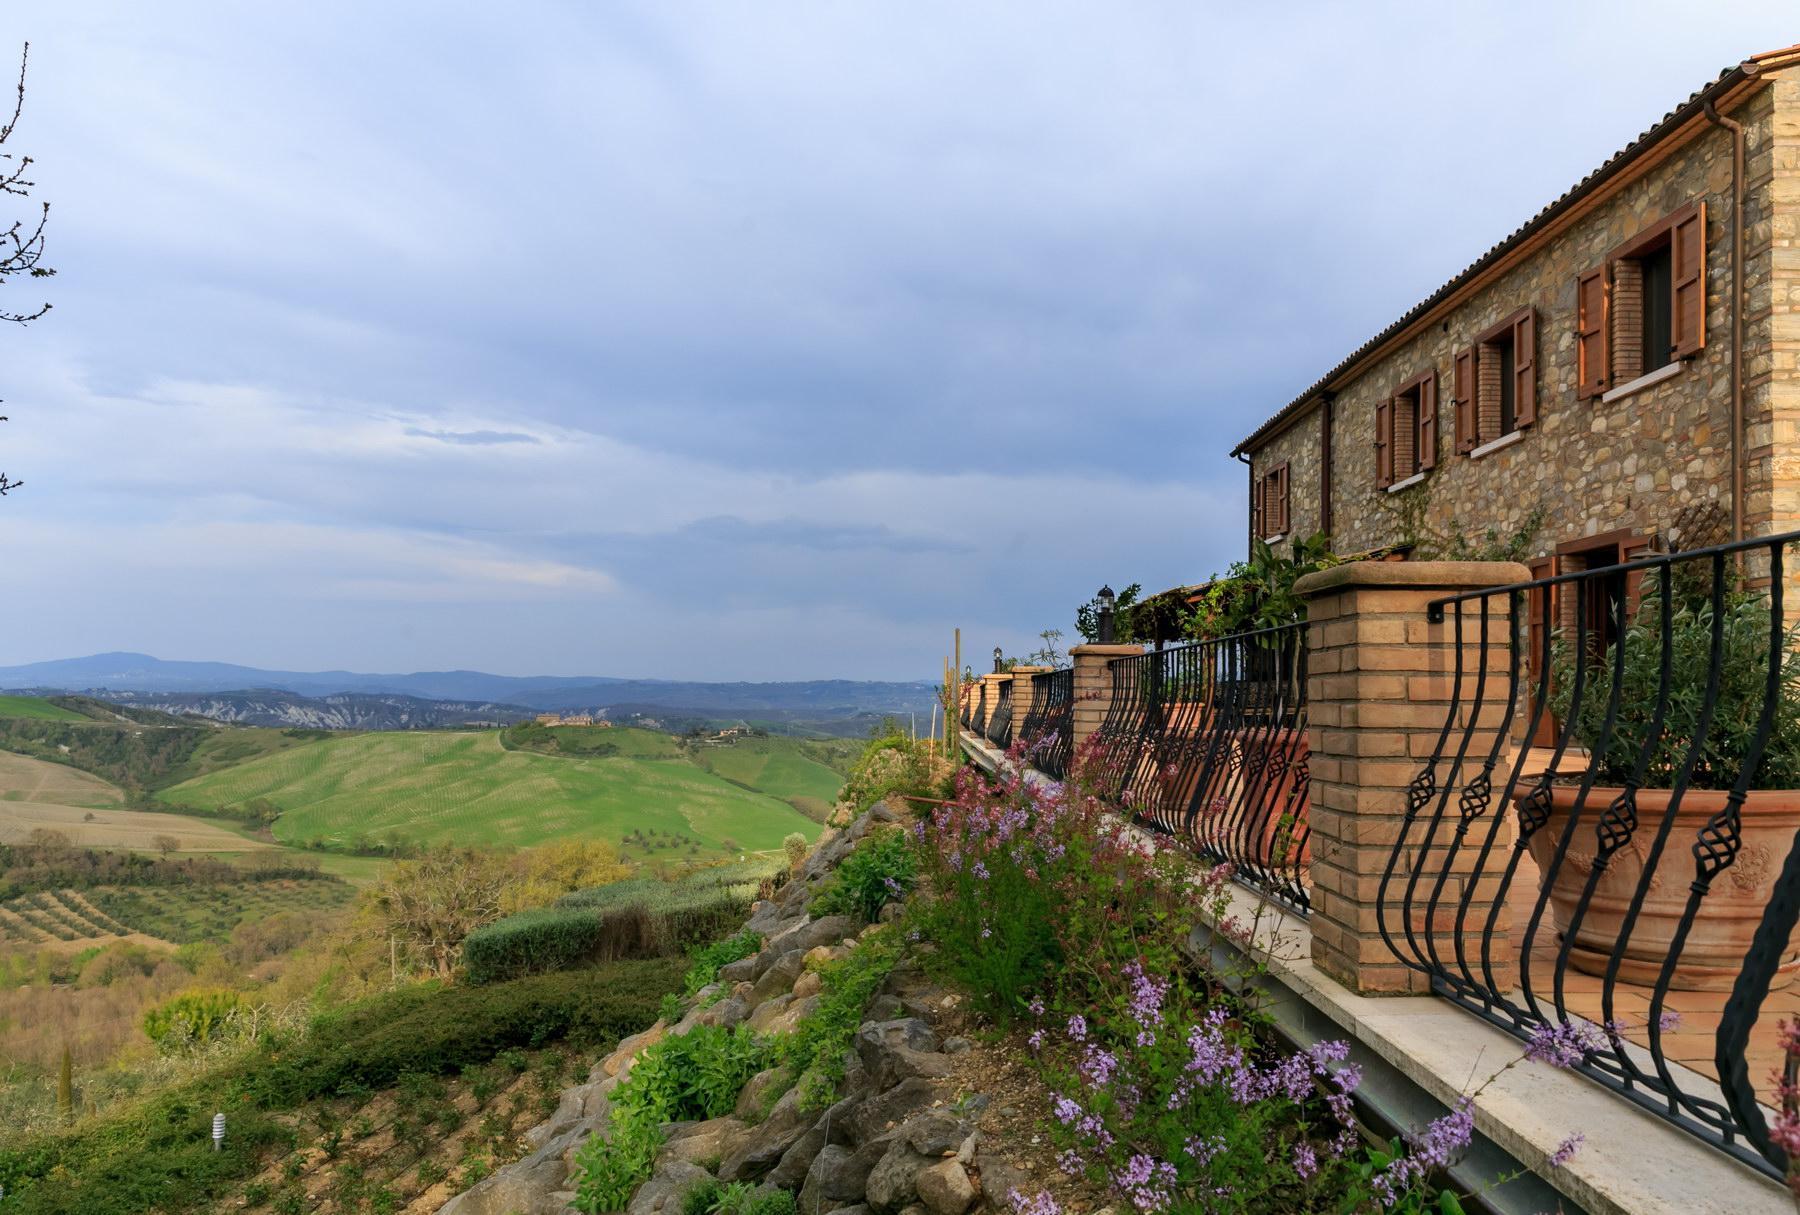 Wunderschönes Anwesen auf den Hügeln von Umbrien - 17